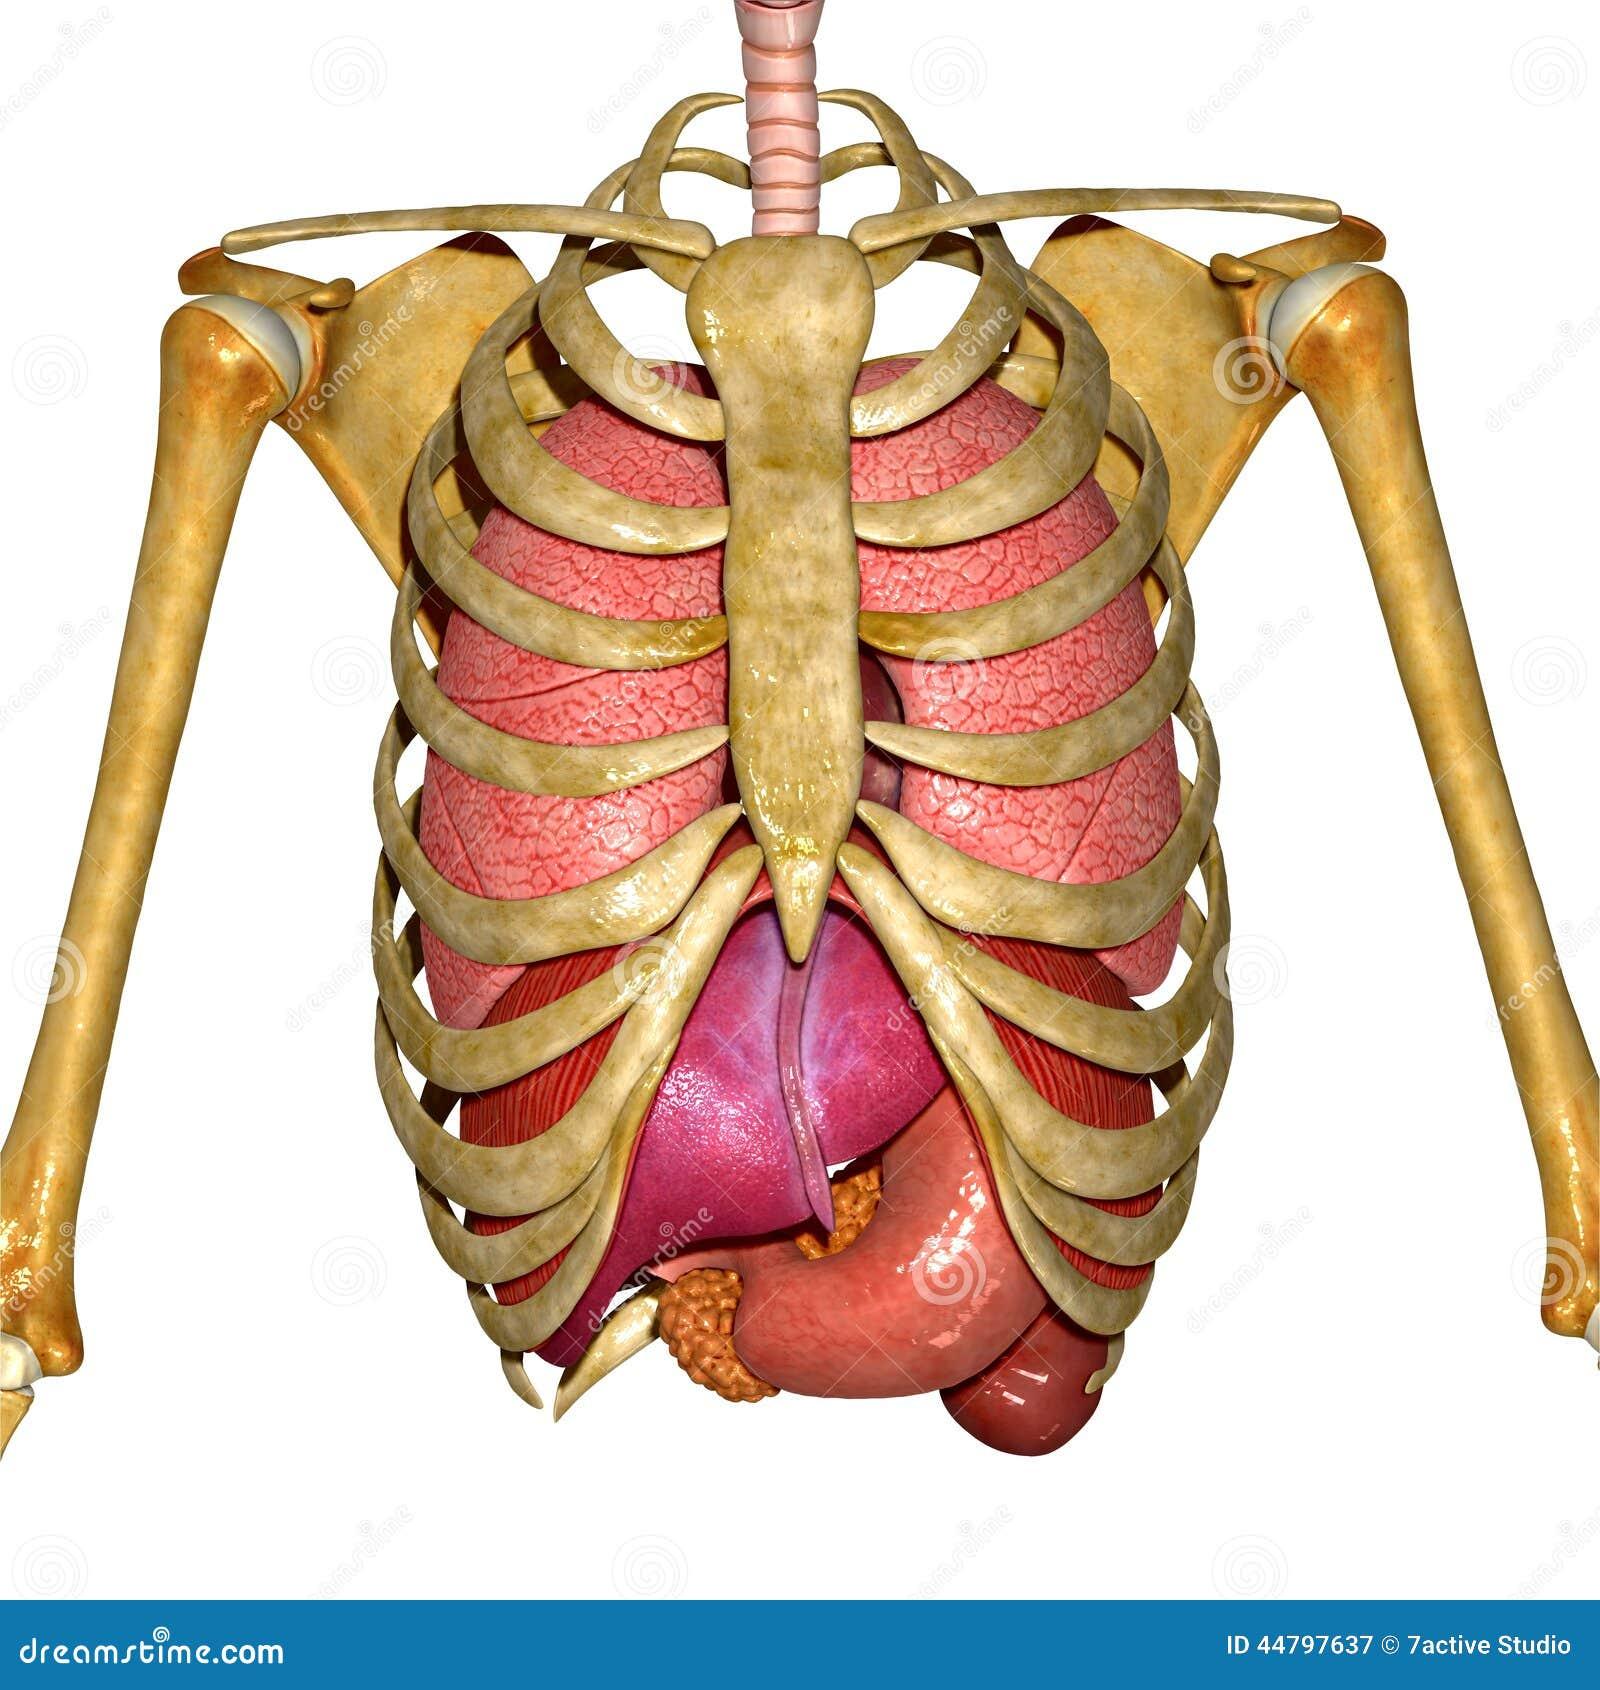 Menschliche Anatomie stock abbildung. Illustration von hand - 44797637